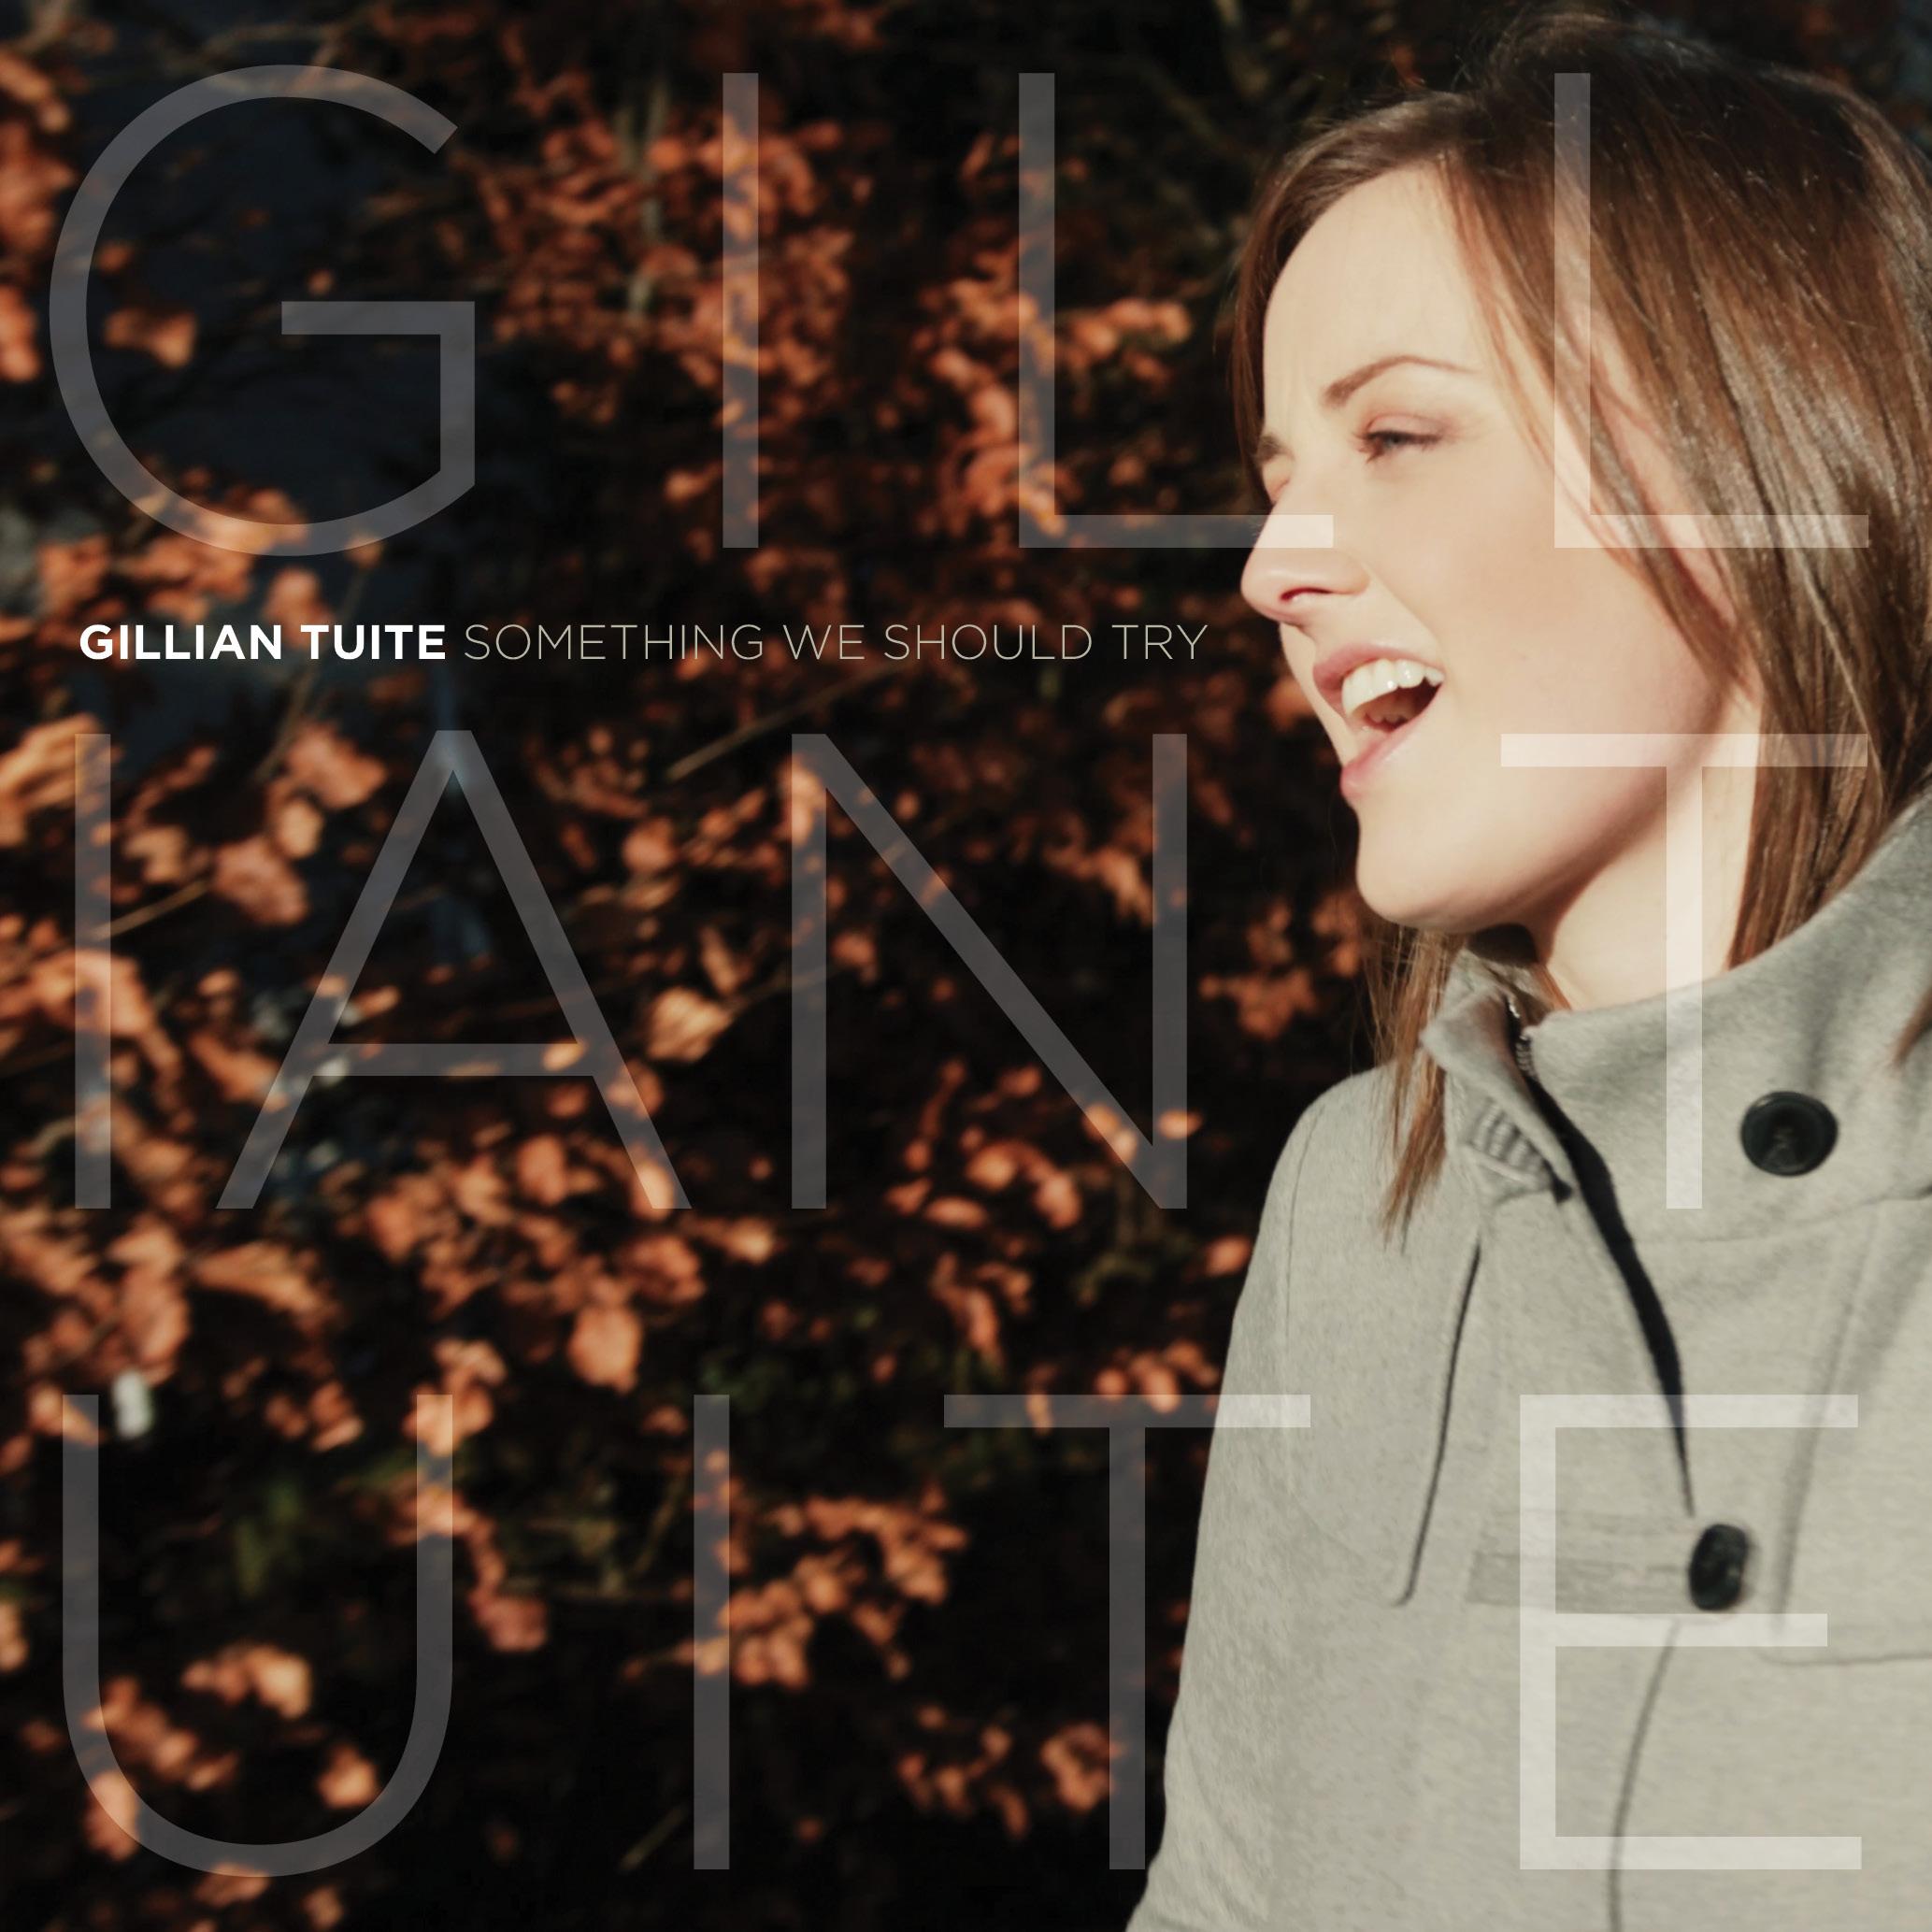 Gillian_Tuite_SWST_Cover_2067x2067.jpg